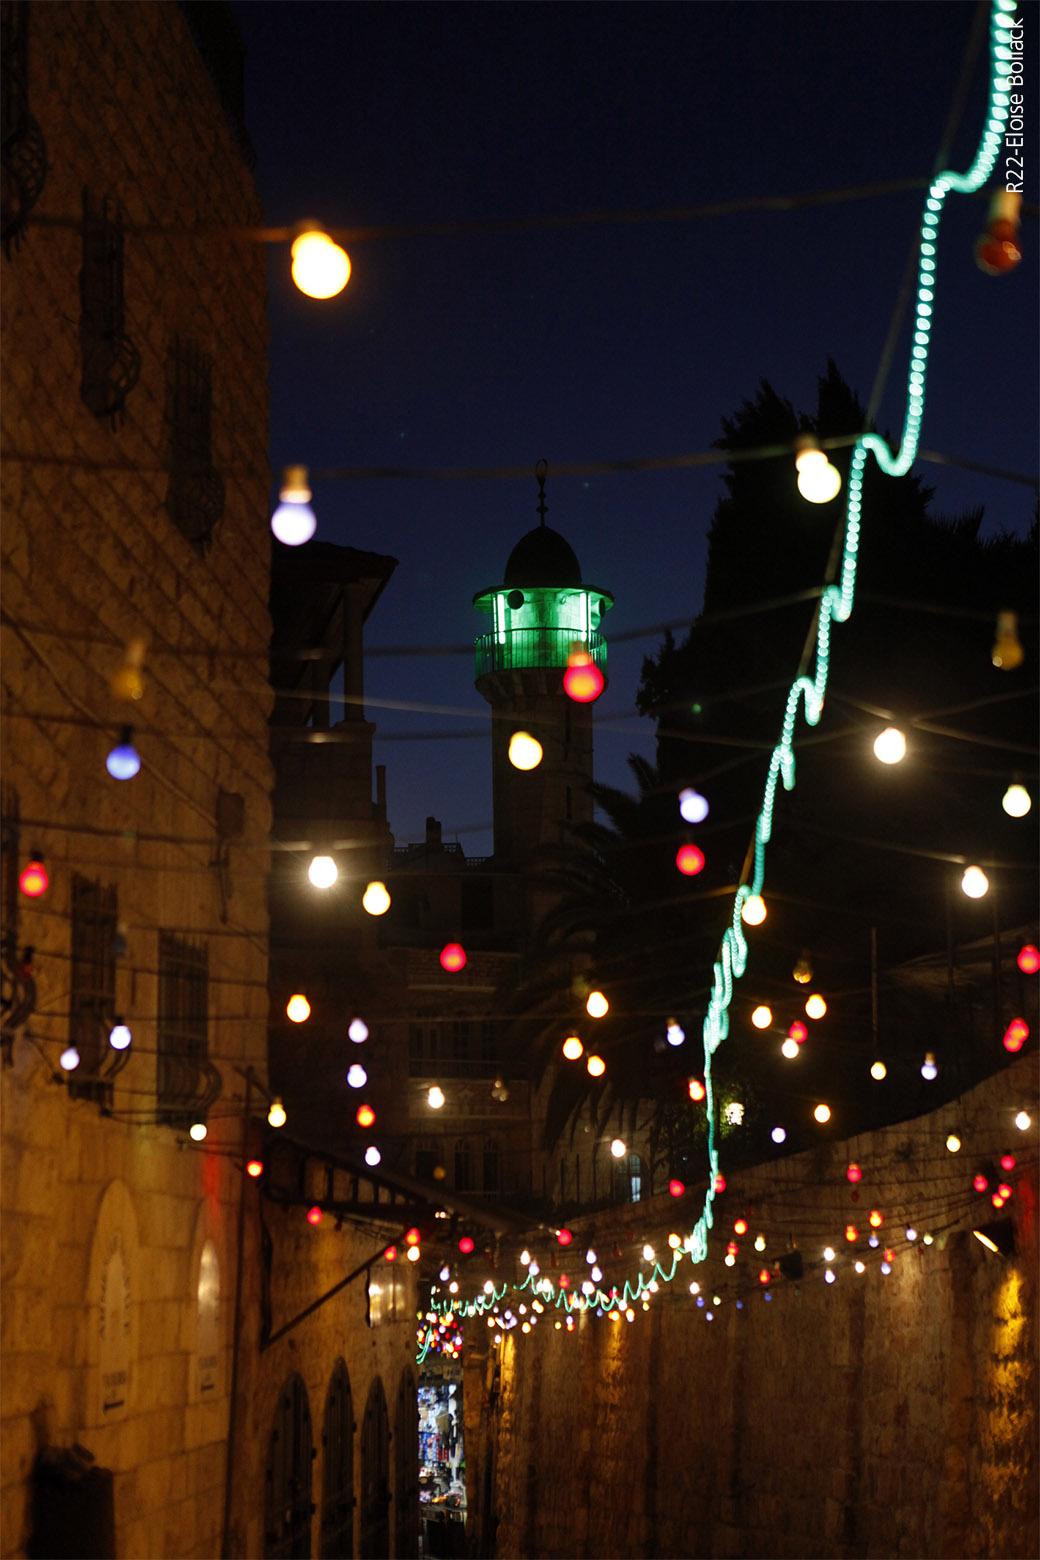 لا تستطيعون زيارة القدس، رصيف22 تجلبها إليكم. جولة في مدينة القدس - صورة 11